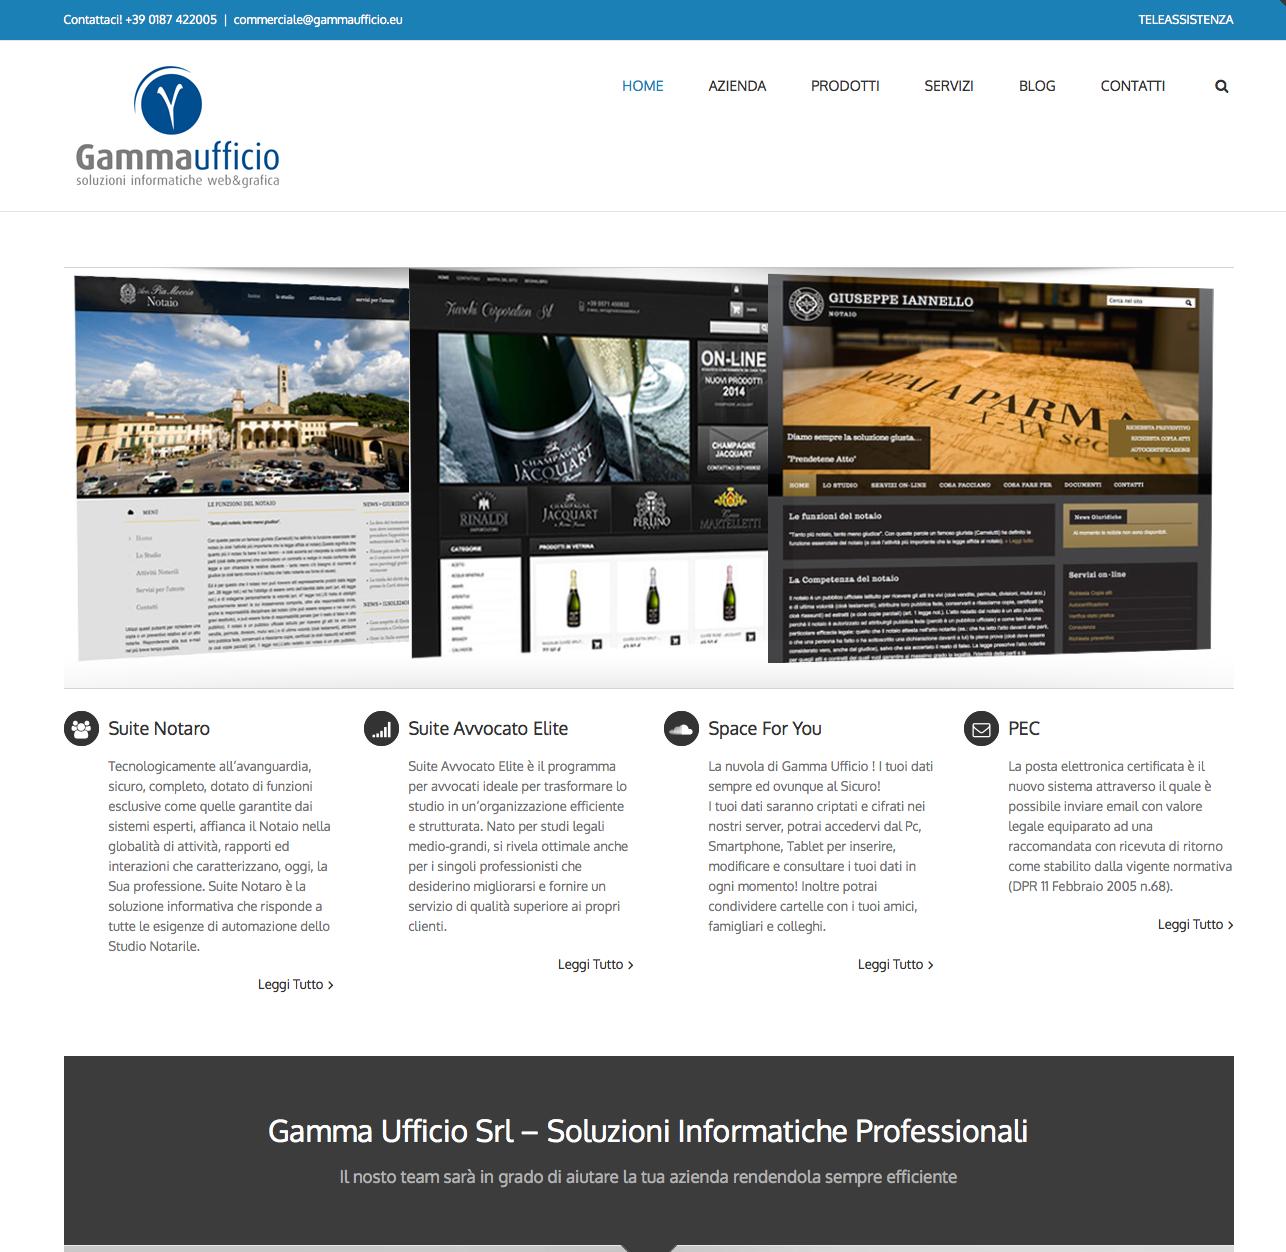 Nuova veste grafica per Gamma Ufficio srl